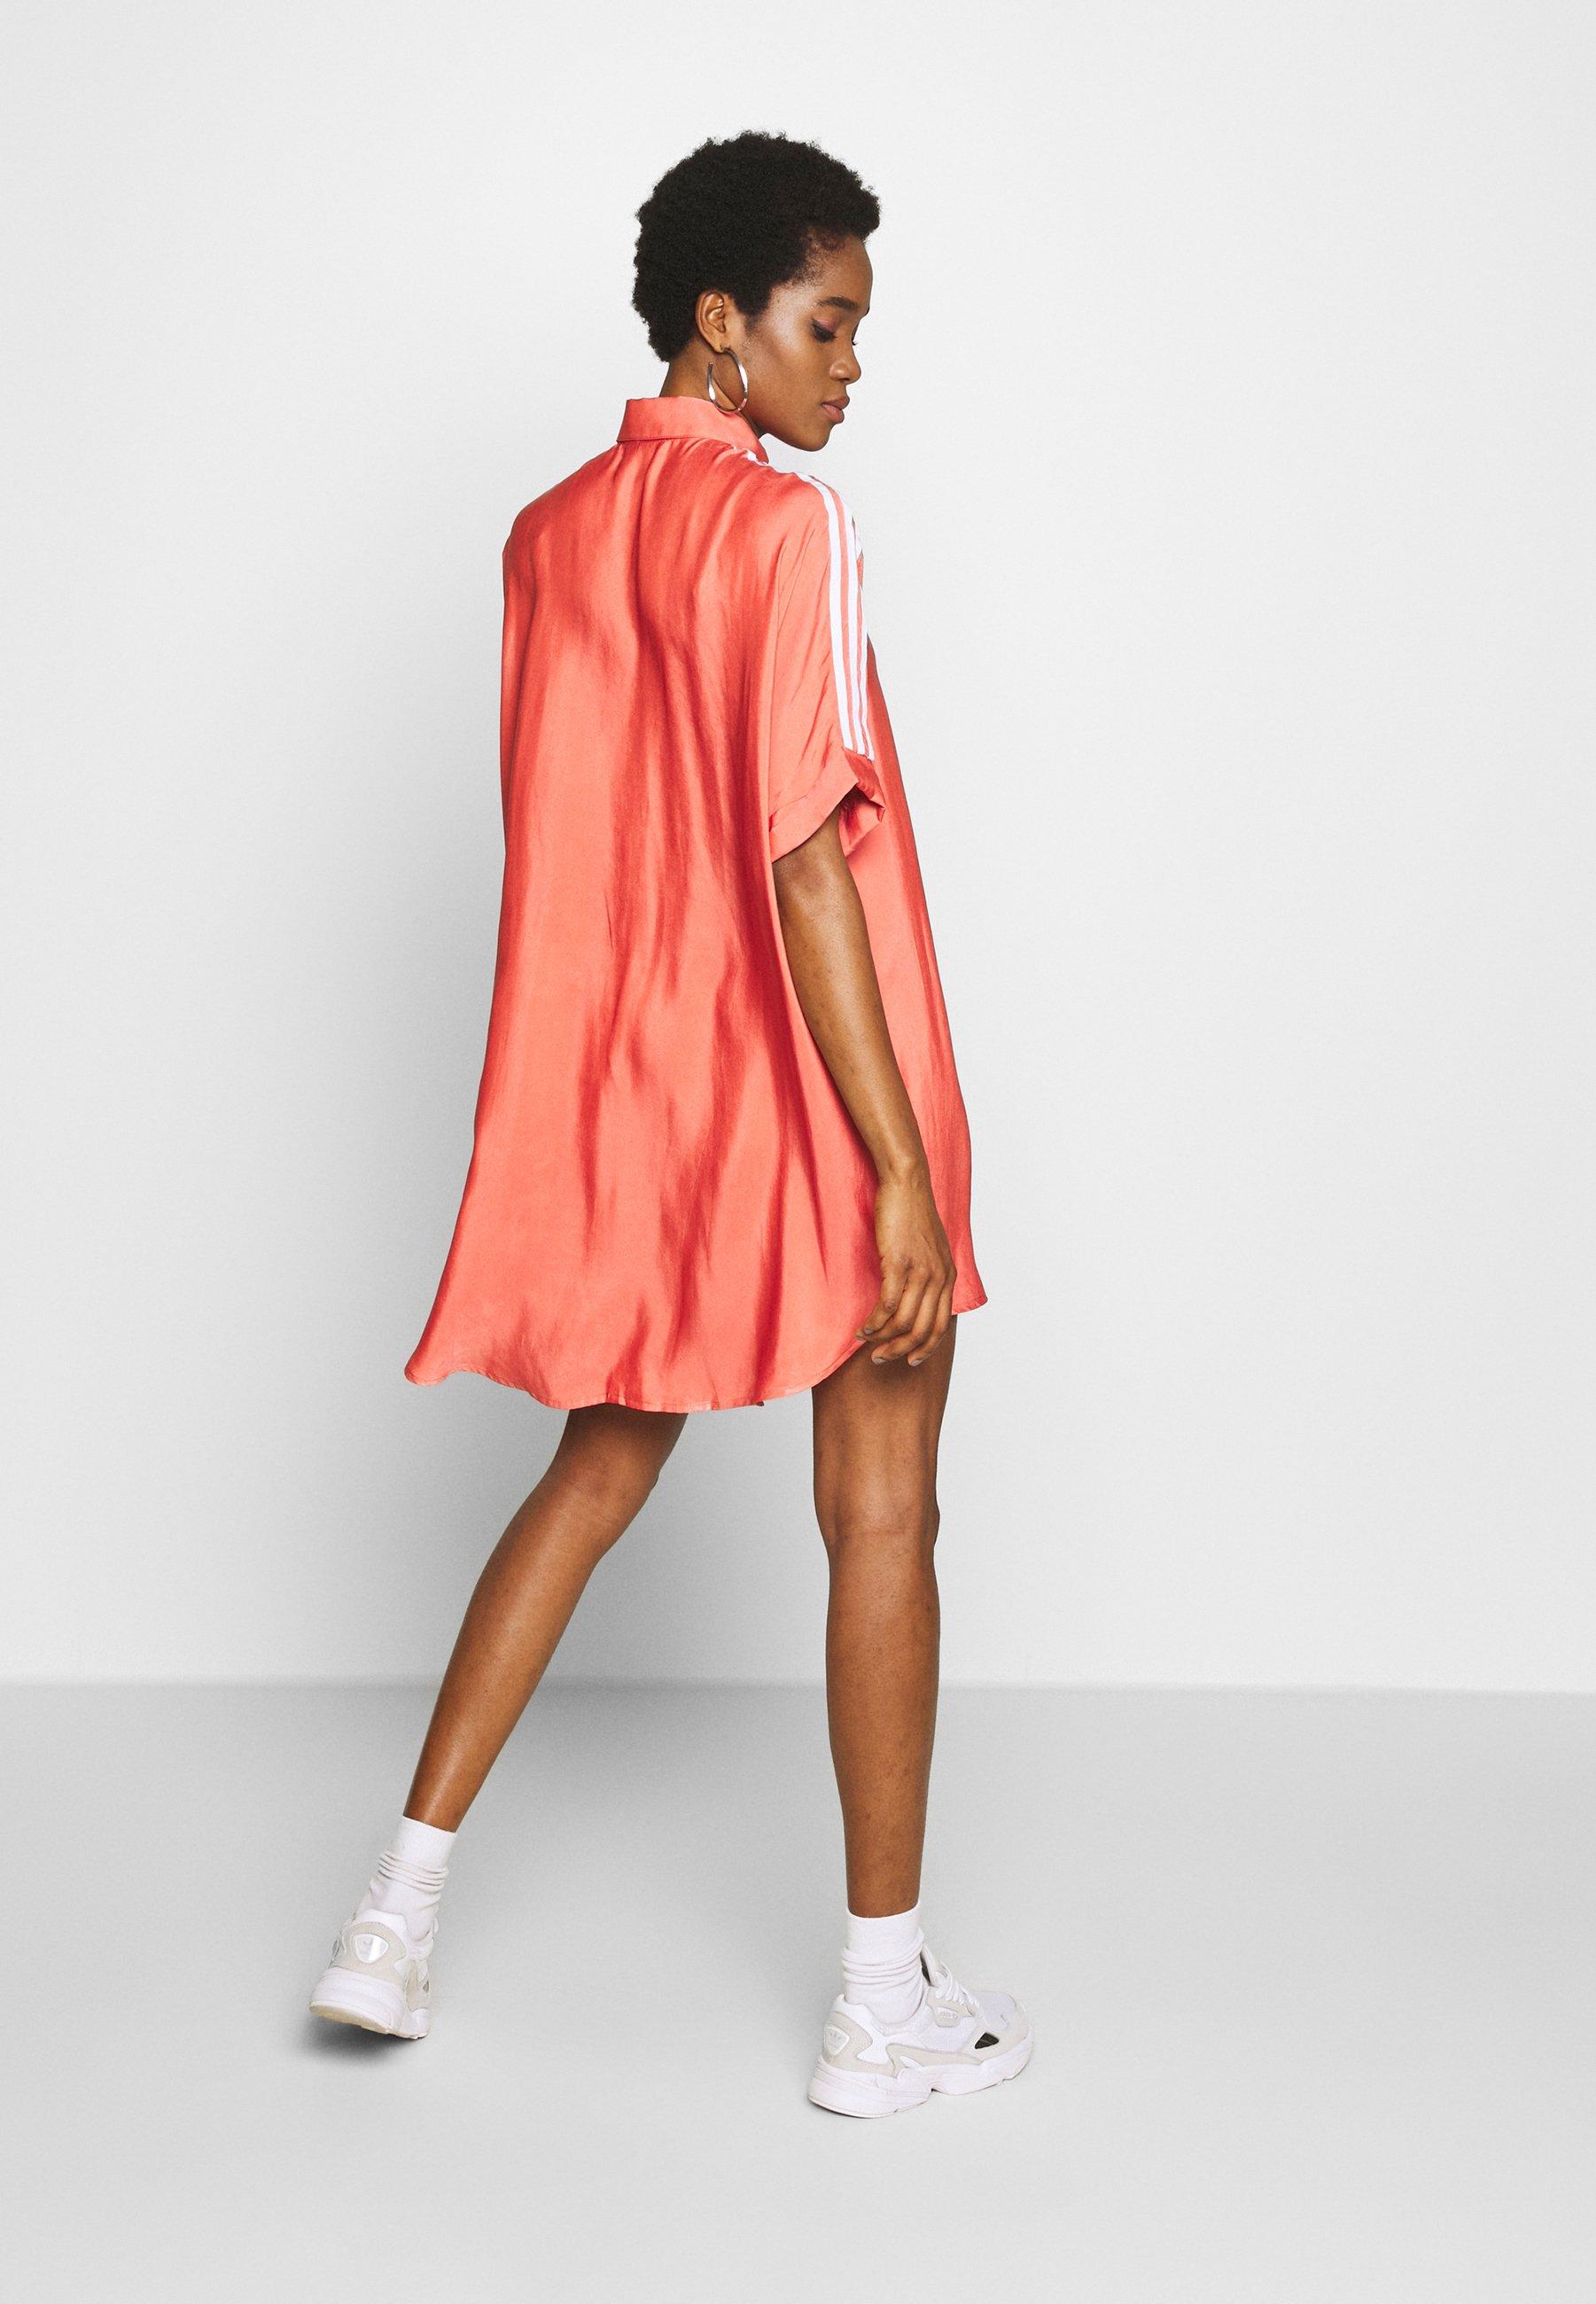 Adidas Originals Dress - Abito A Camicia Trace Scarlet 32WfMKo